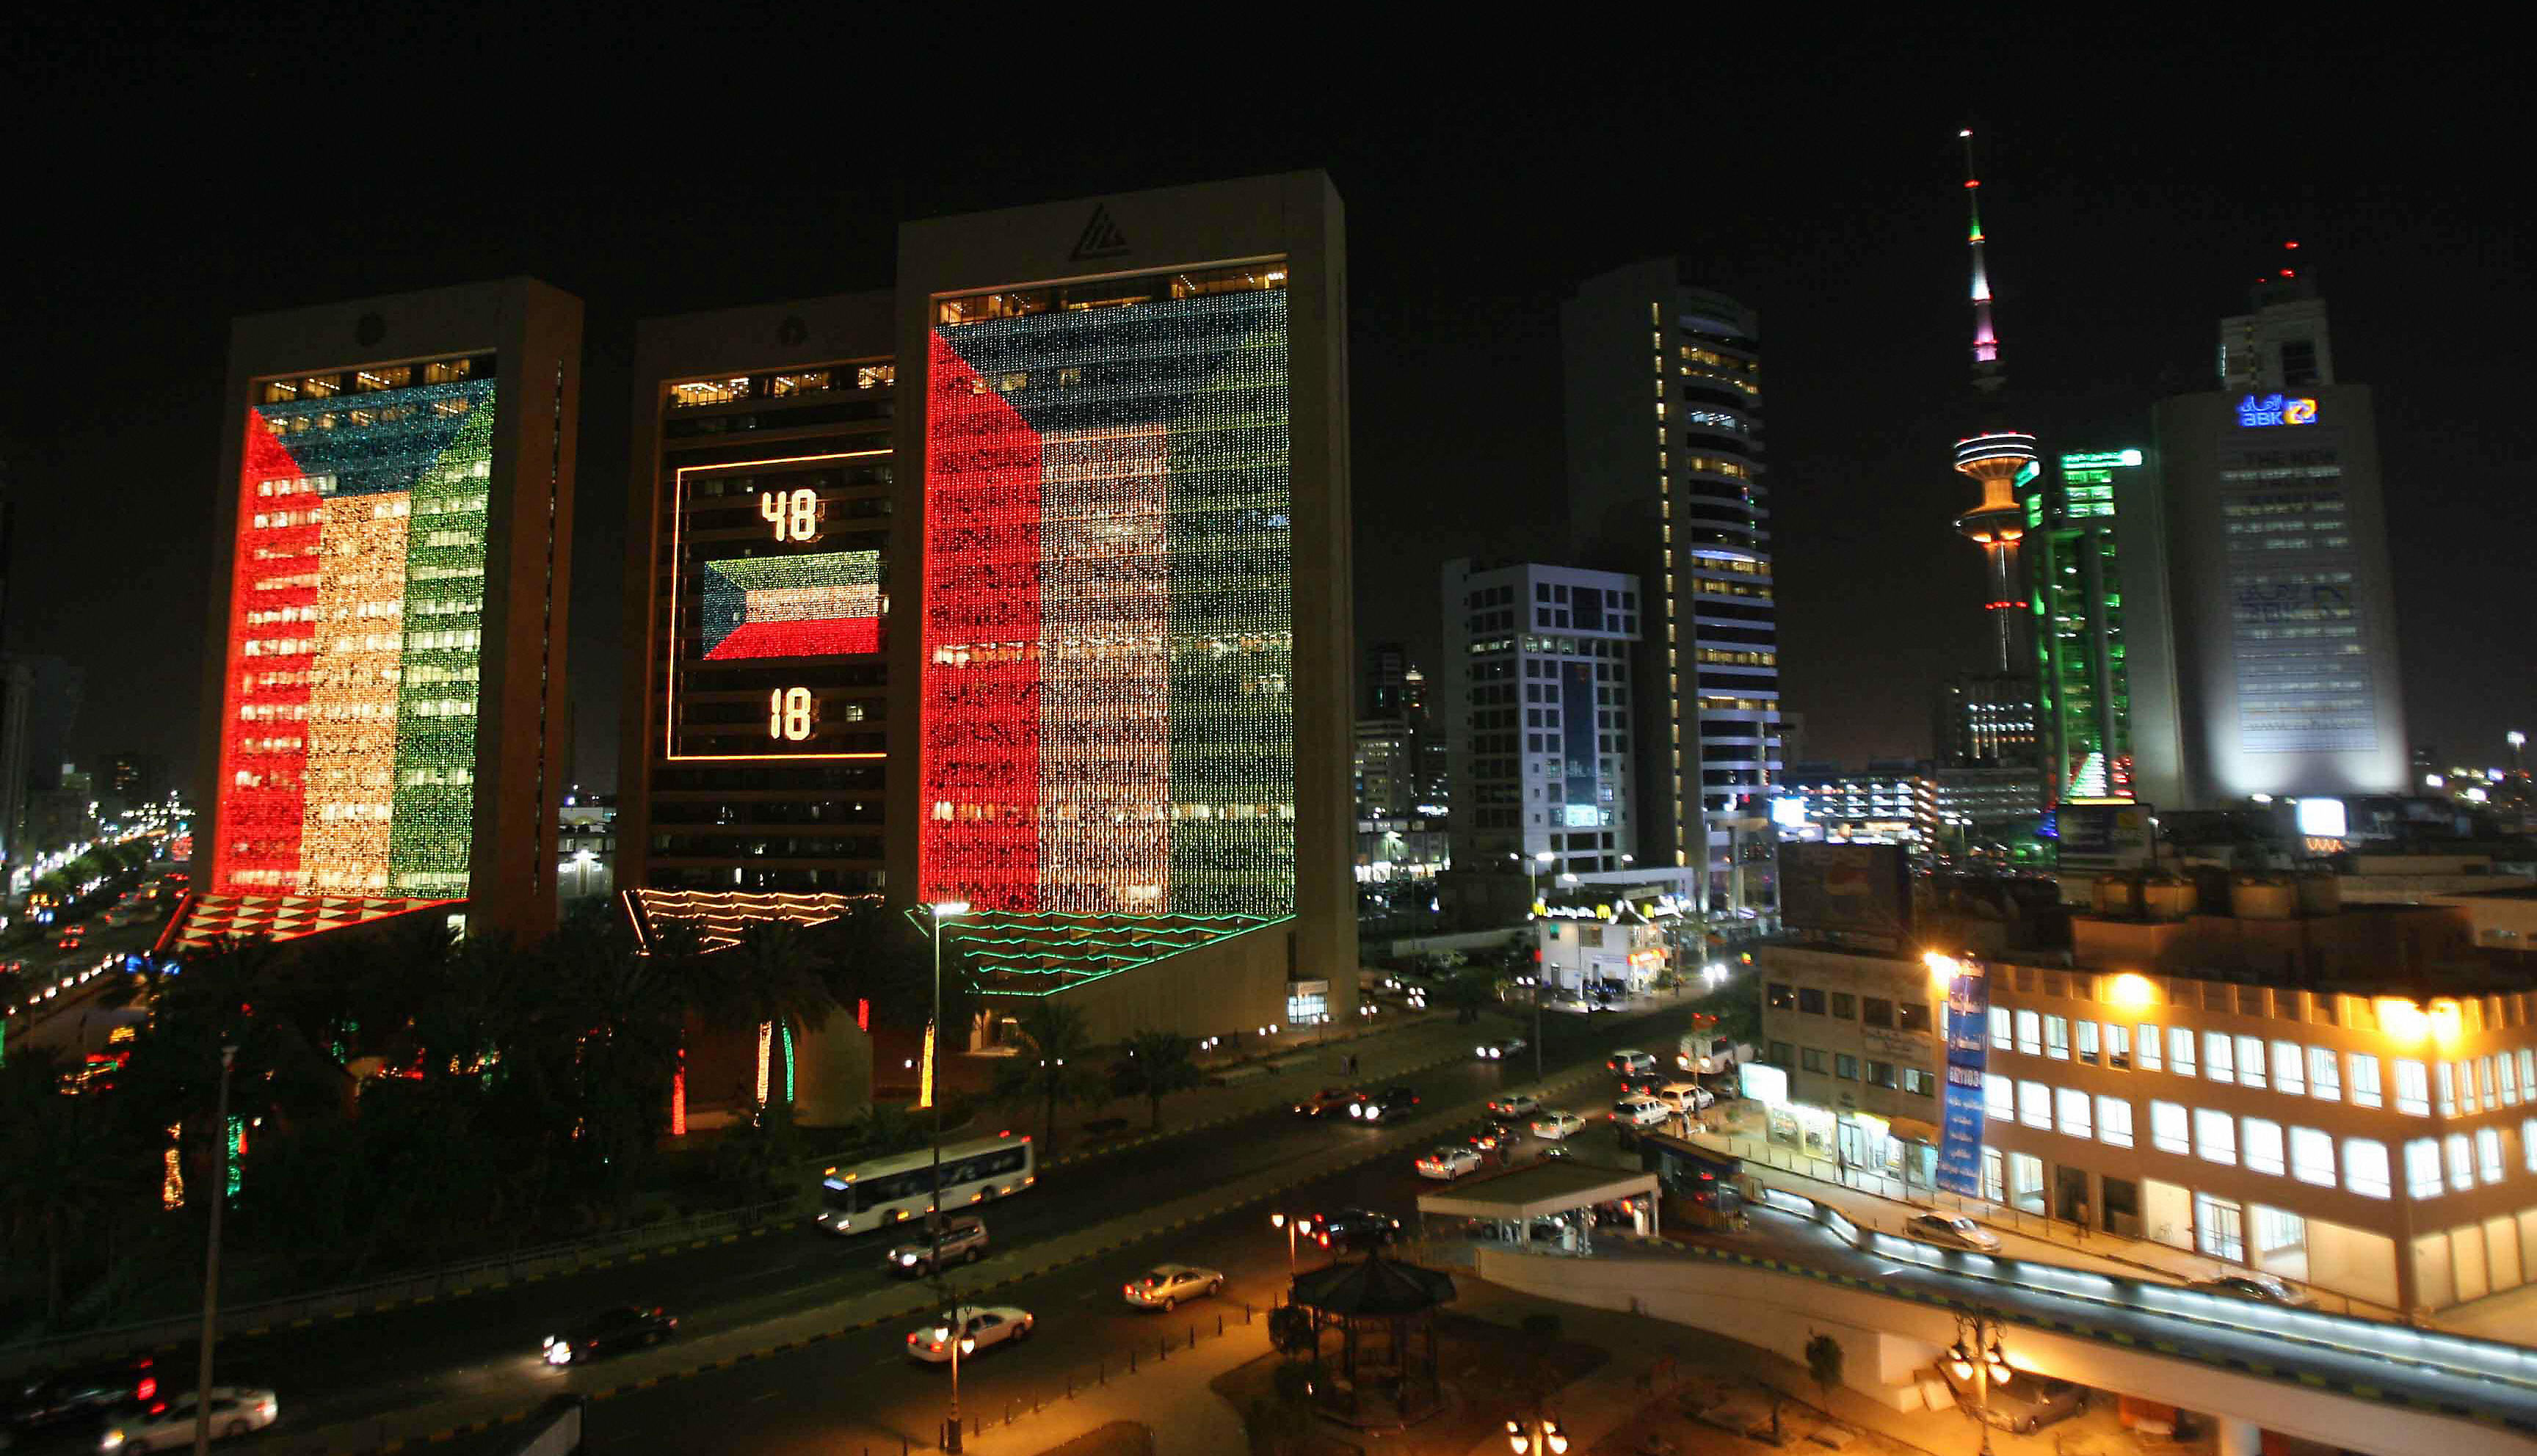 Kuwait City's banking complex